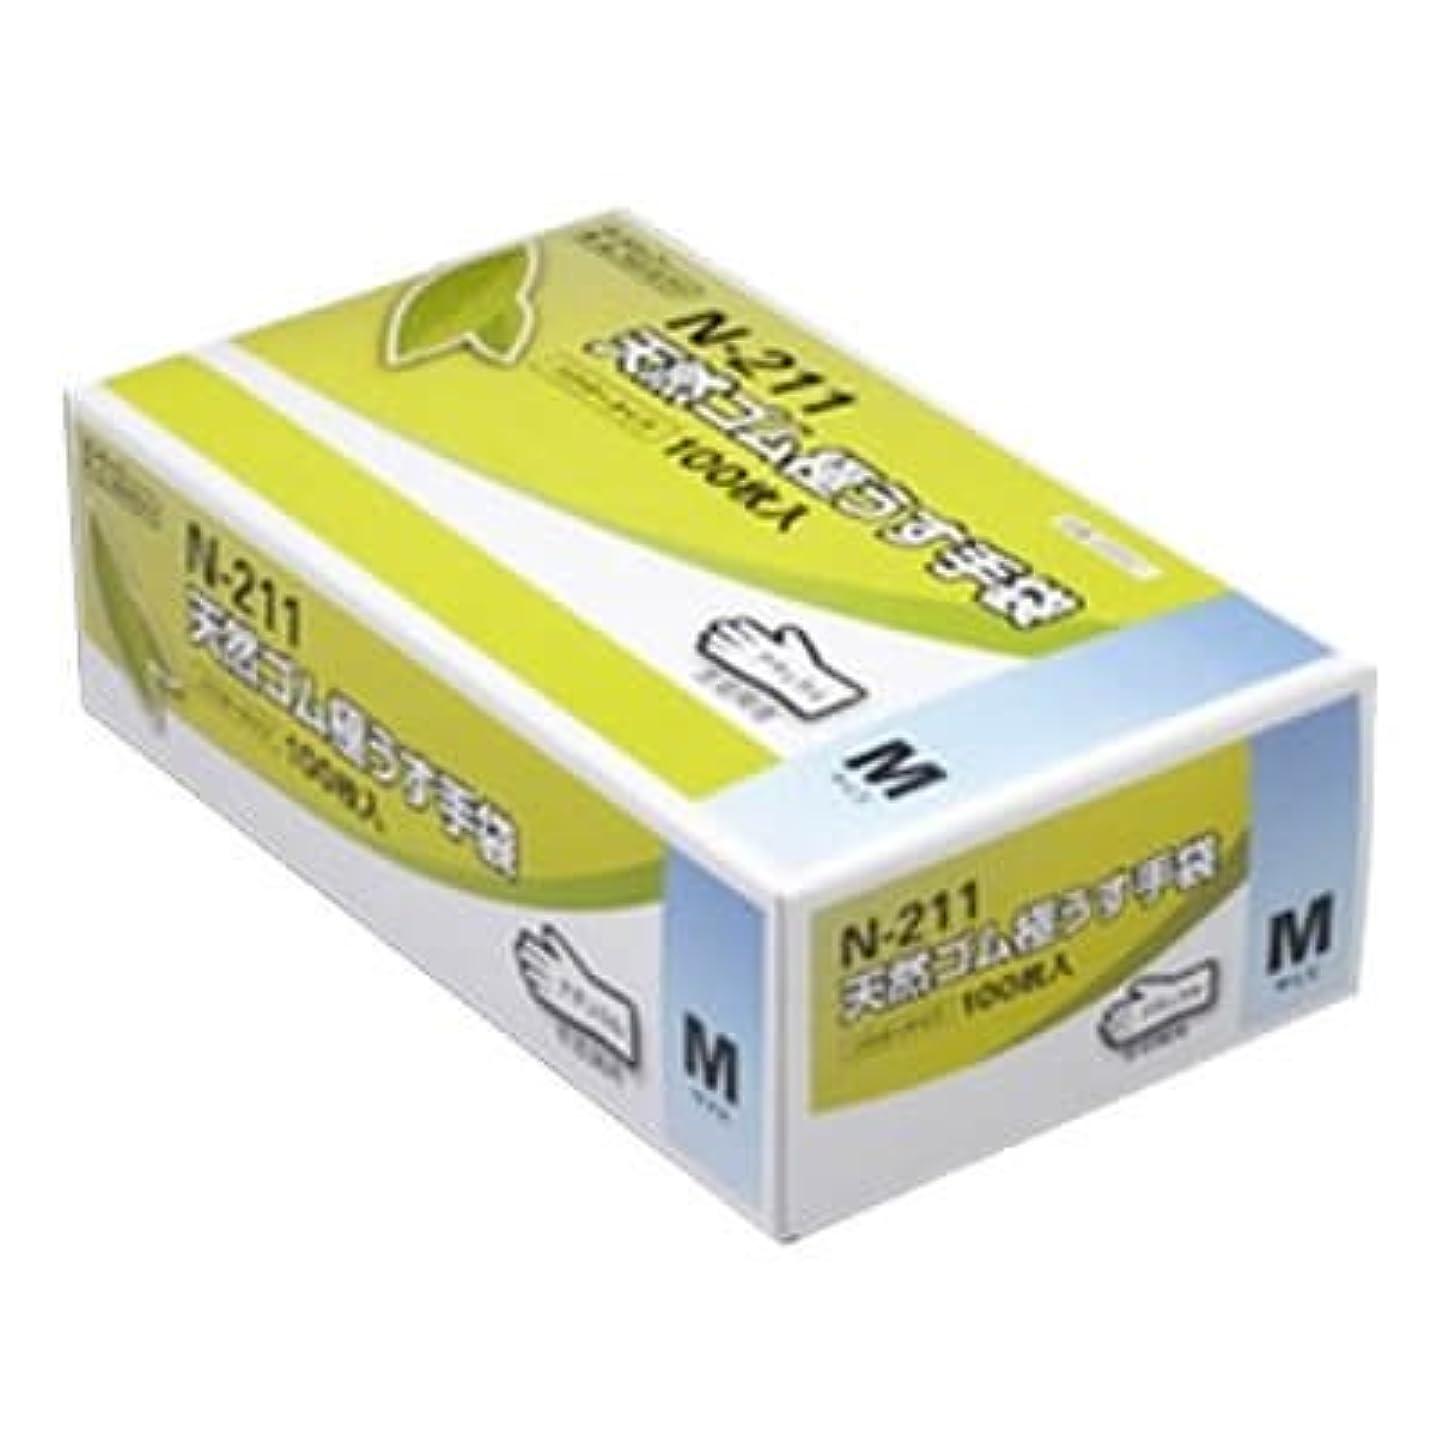 アウターおなじみのおばさん【ケース販売】 ダンロップ 天然ゴム極うす手袋 N-211 M ナチュラル (100枚入×20箱)